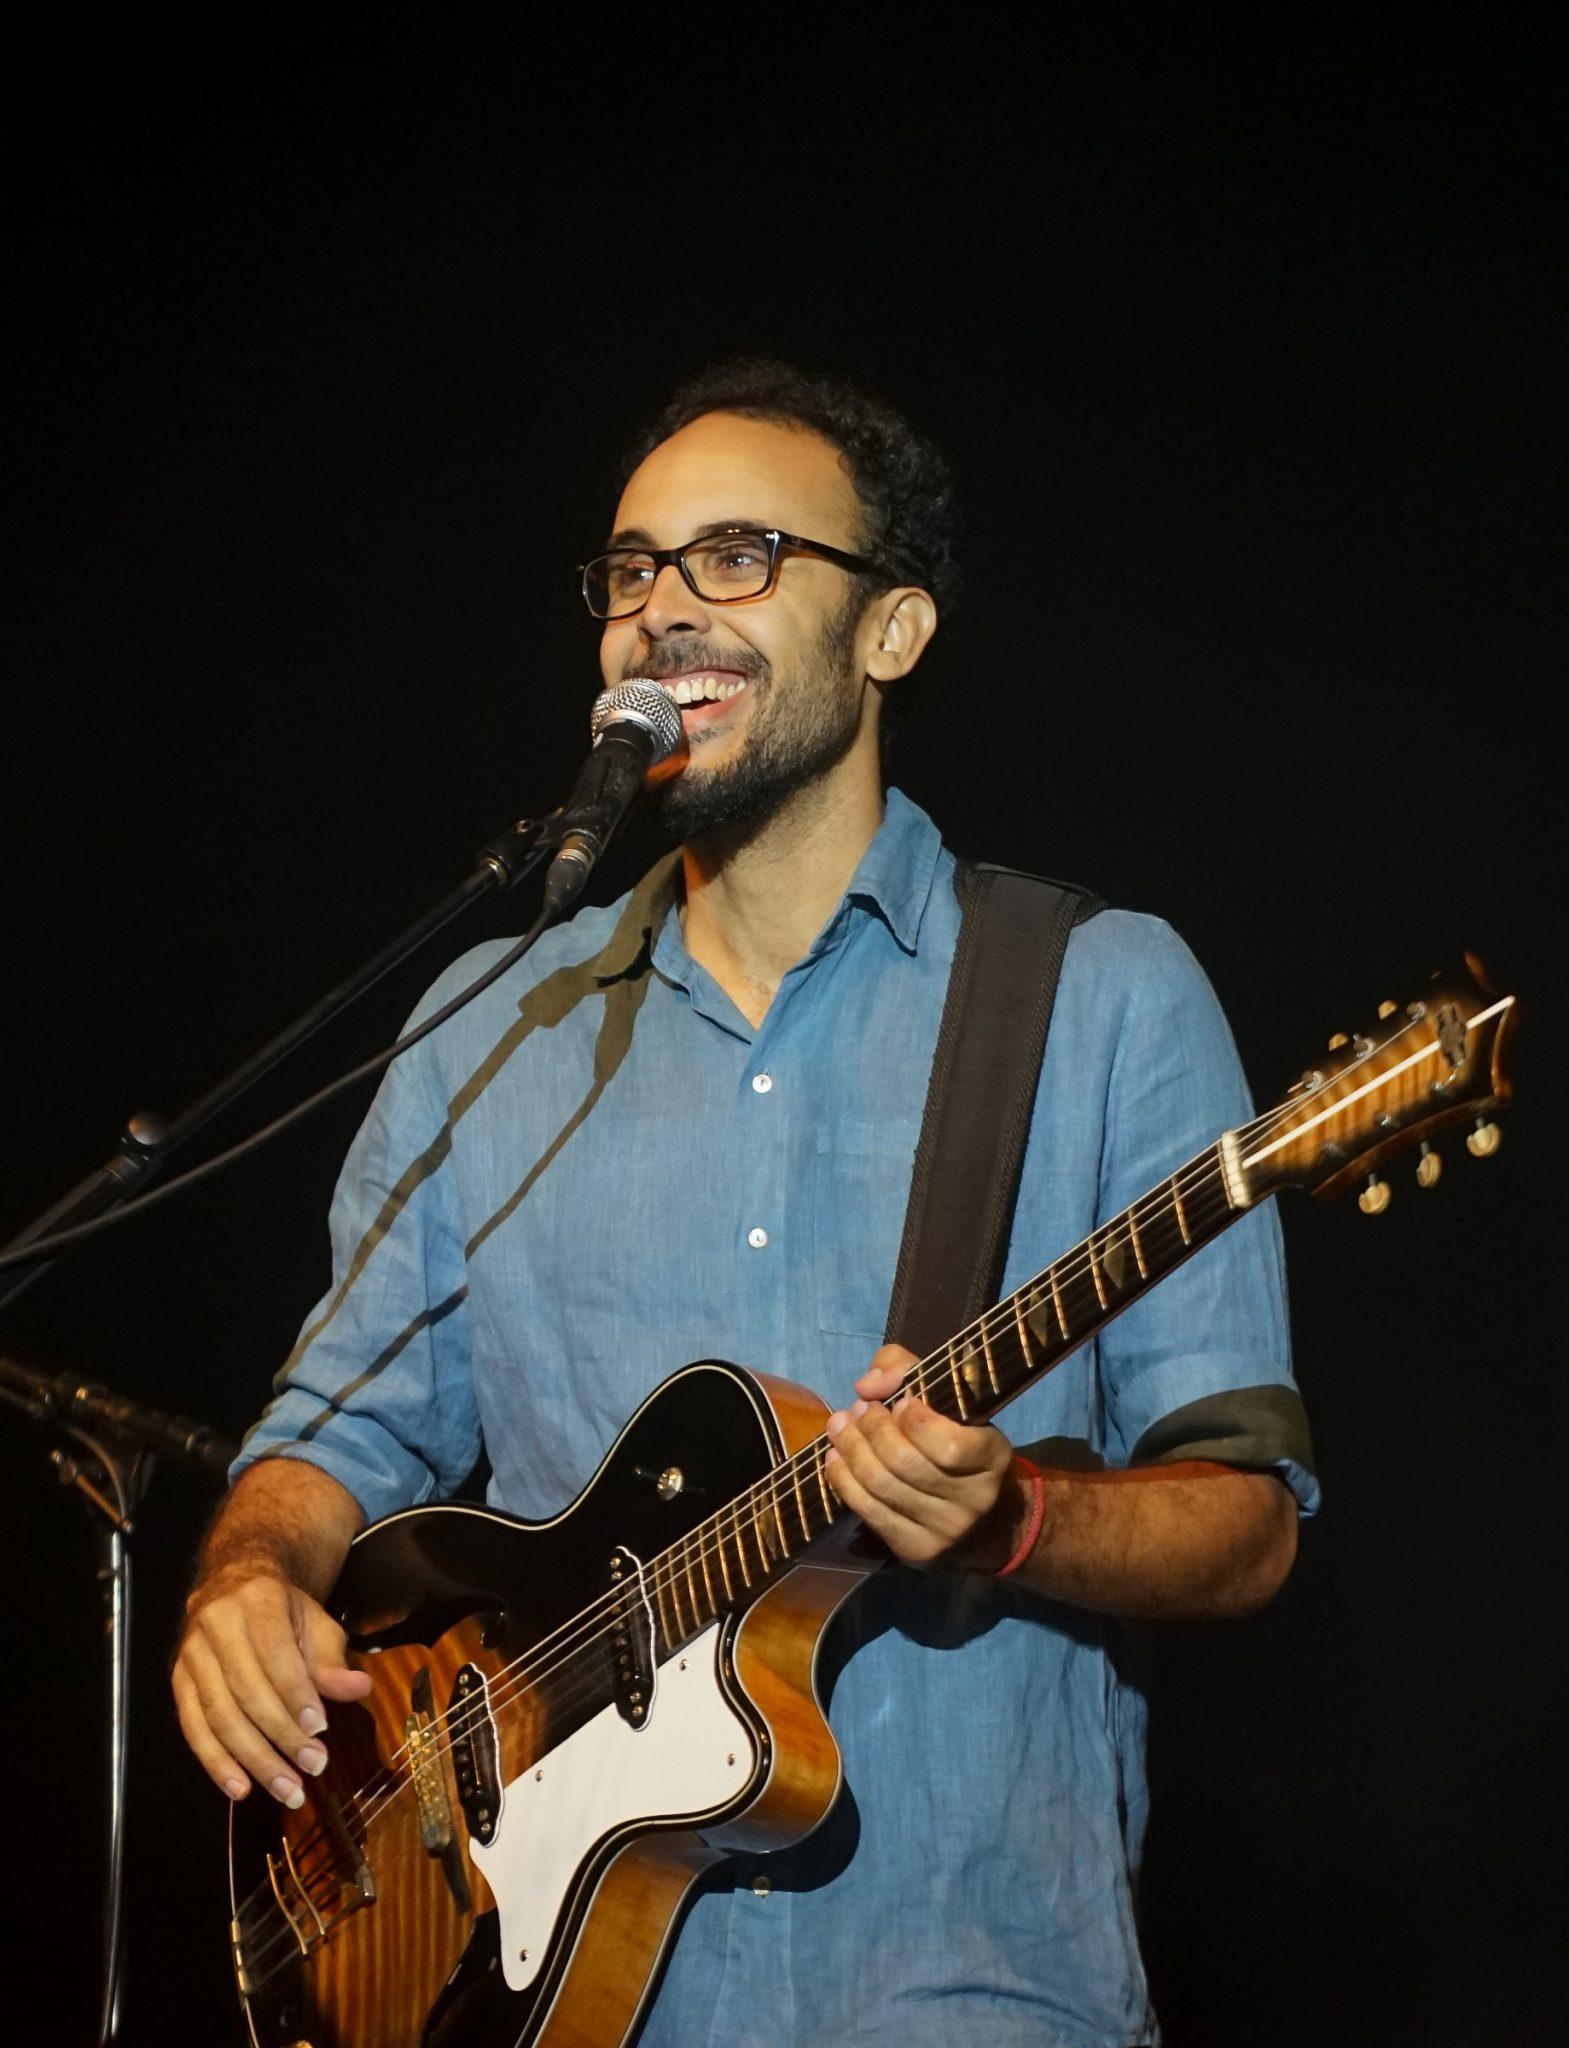 O músico brasileiro Bem Gil sorri enquanto toca guitarra durante o concerto Refavela 40